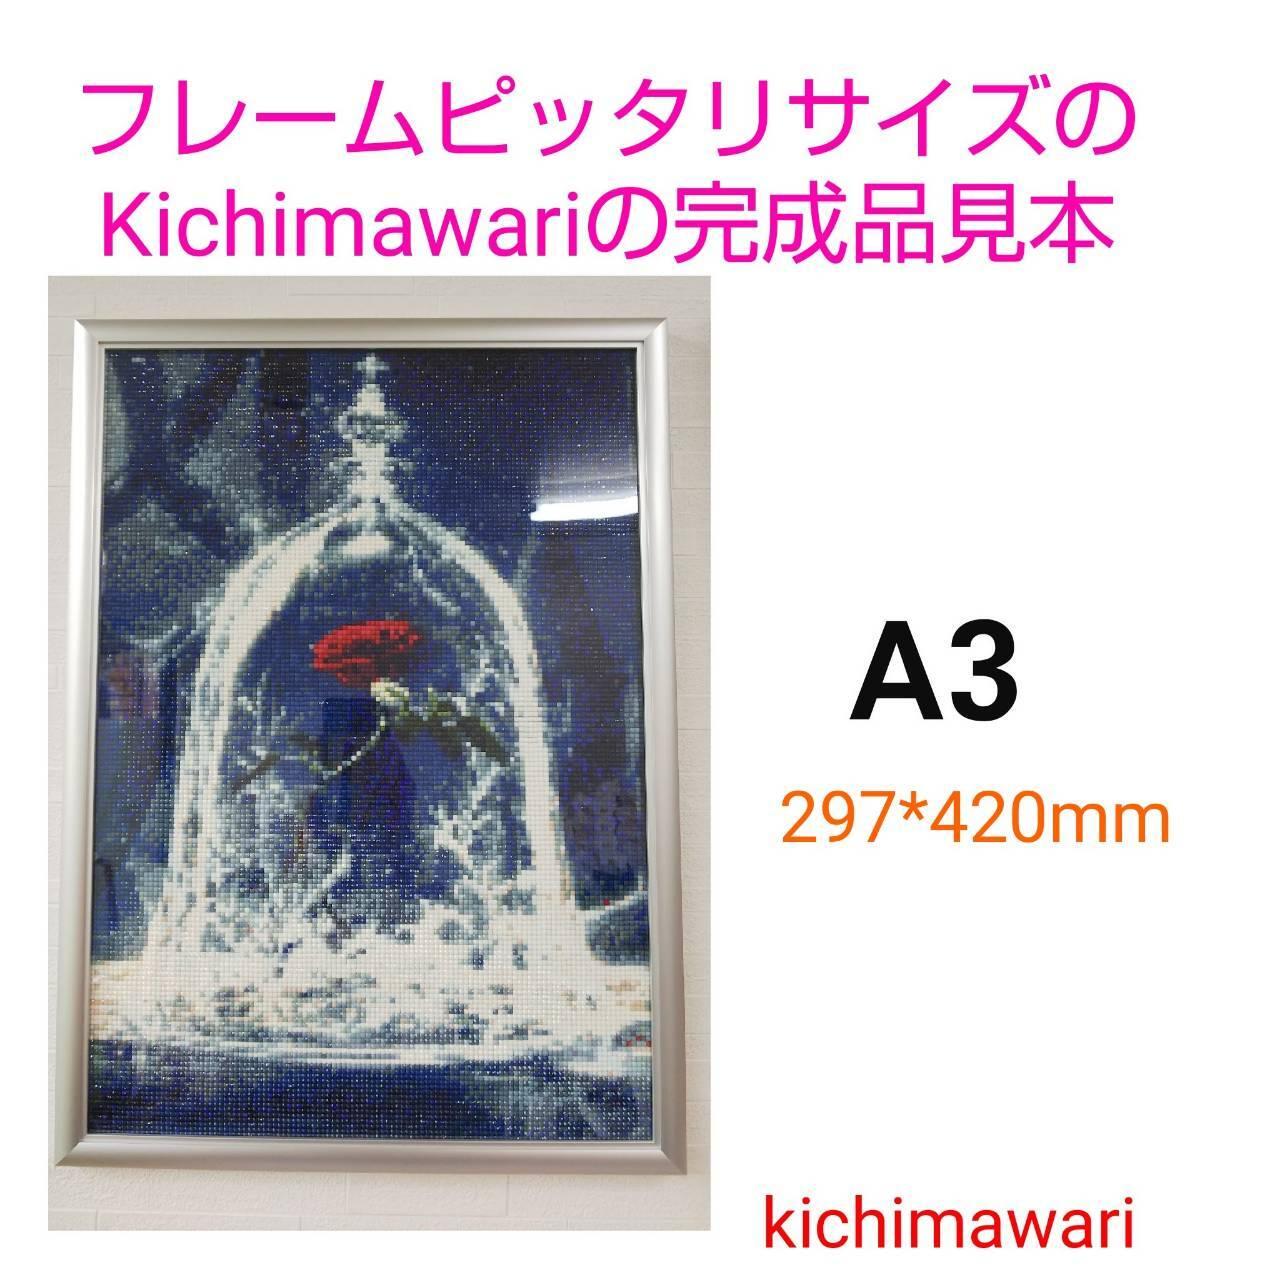 限定‼️四角ビーズ A3サイズ(KIC-tei38-1-222)額縁付き★フルダイヤモンドアート